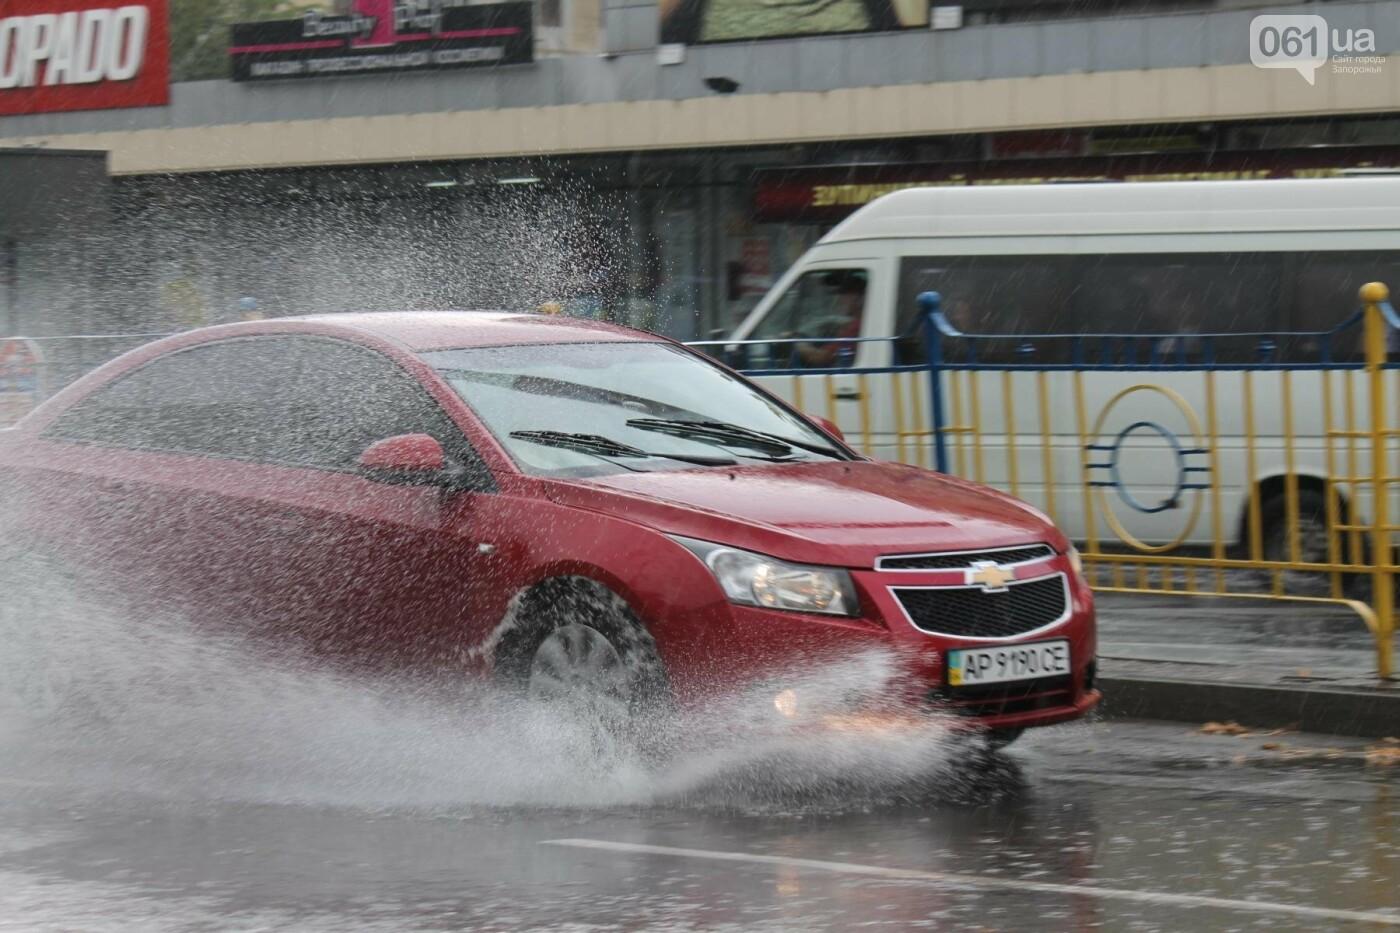 Запорожье накрыл мощный ливень: улицы затопило, люди насквозь промокли, – ФОТОРЕПОРТАЖ, фото-8